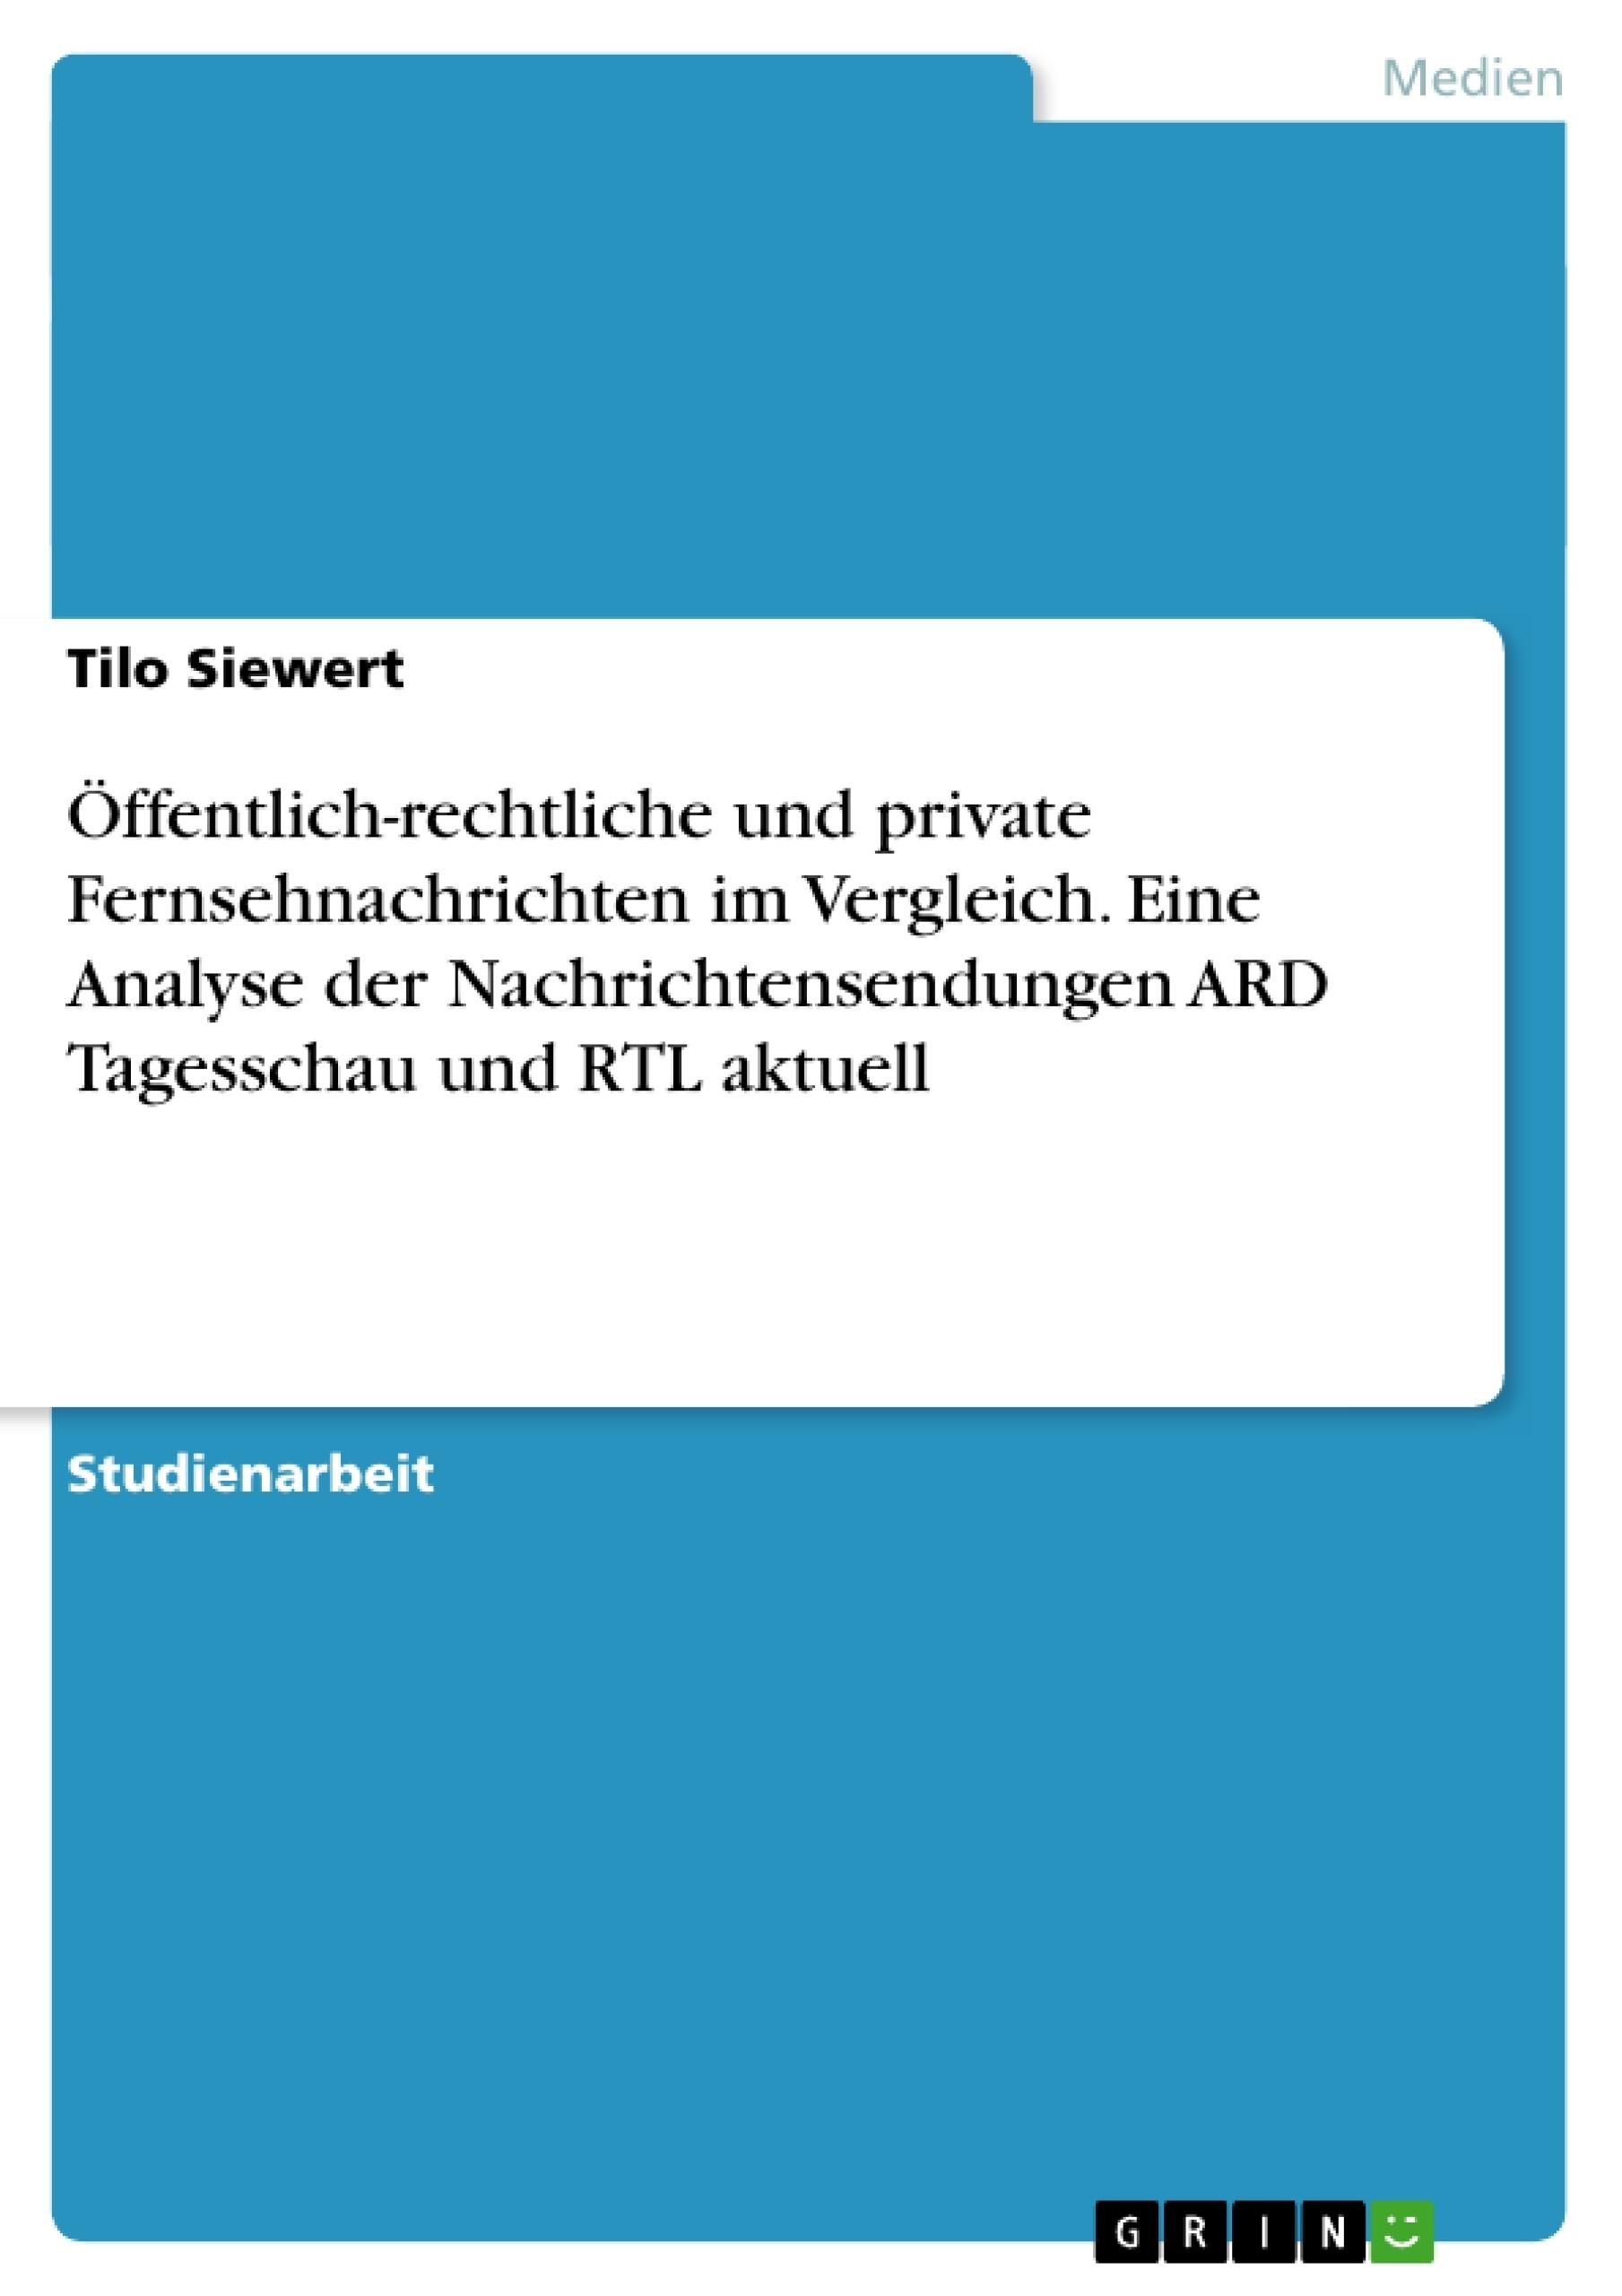 Titel: Öffentlich-rechtliche und private Fernsehnachrichten im Vergleich. Eine Analyse der Nachrichtensendungen ARD Tagesschau und RTL aktuell